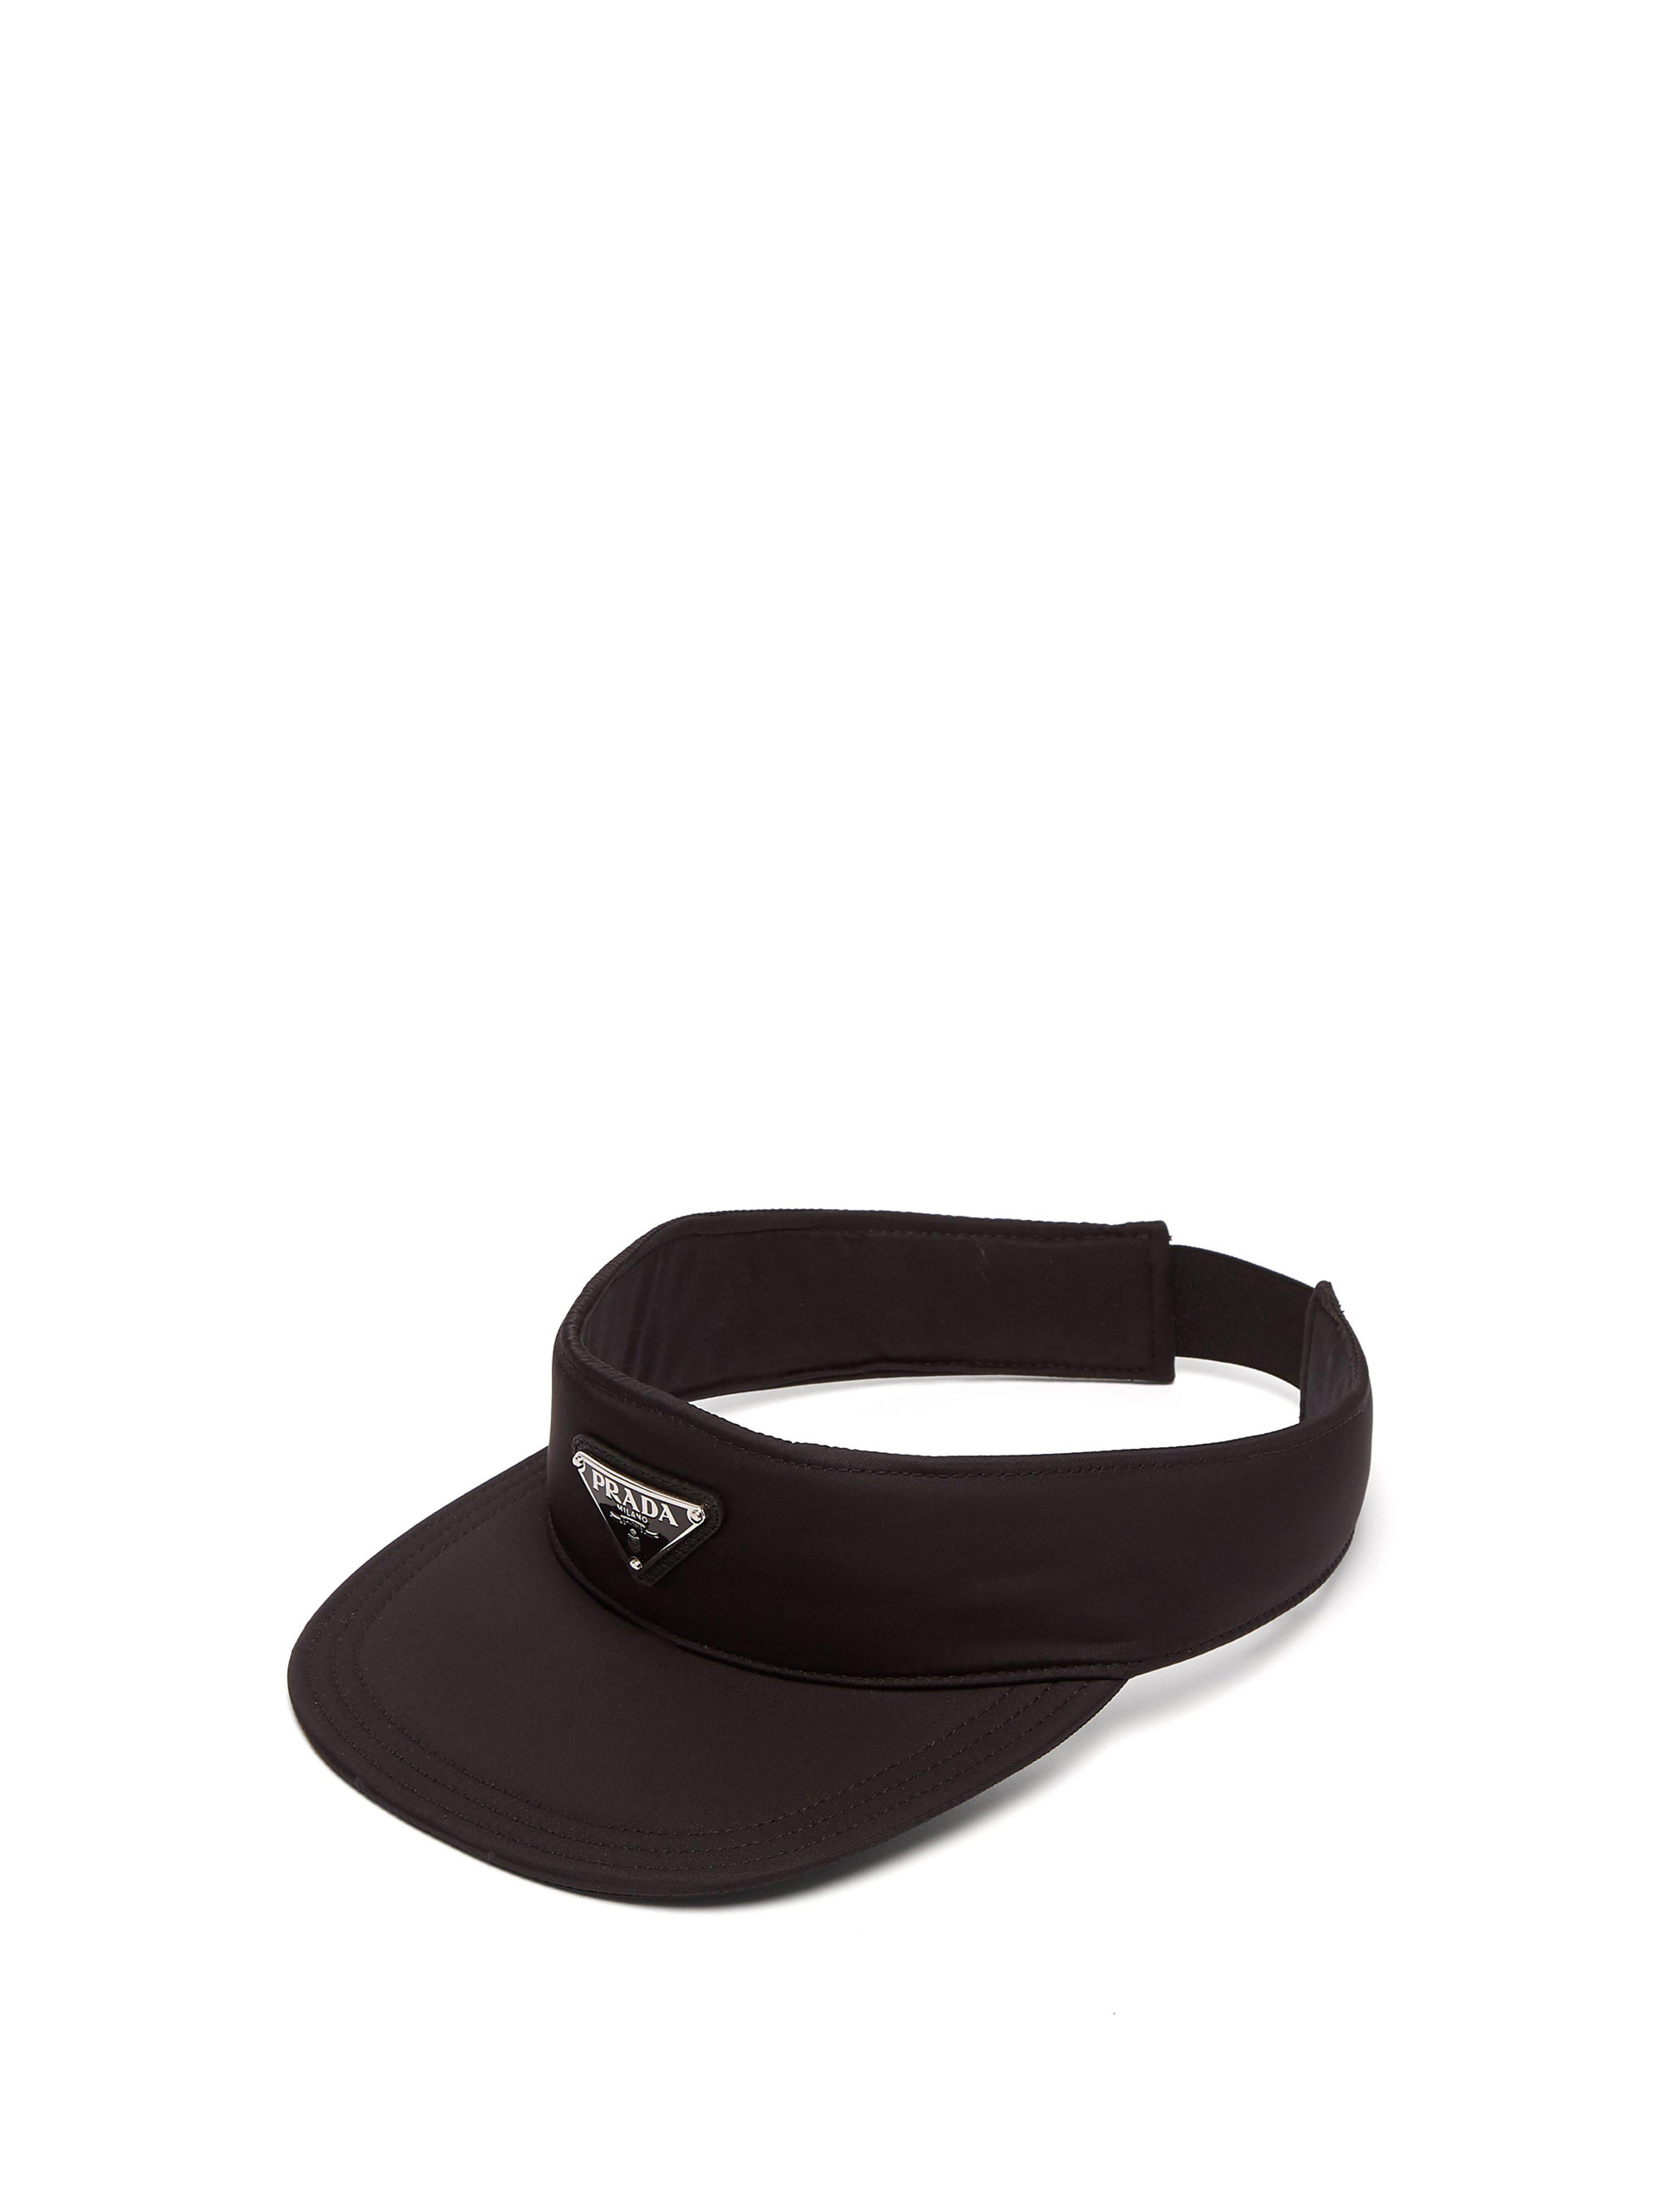 b2c243fd90480 Prada - Black Logo Appliquéd Nylon Visor for Men - Lyst. View fullscreen